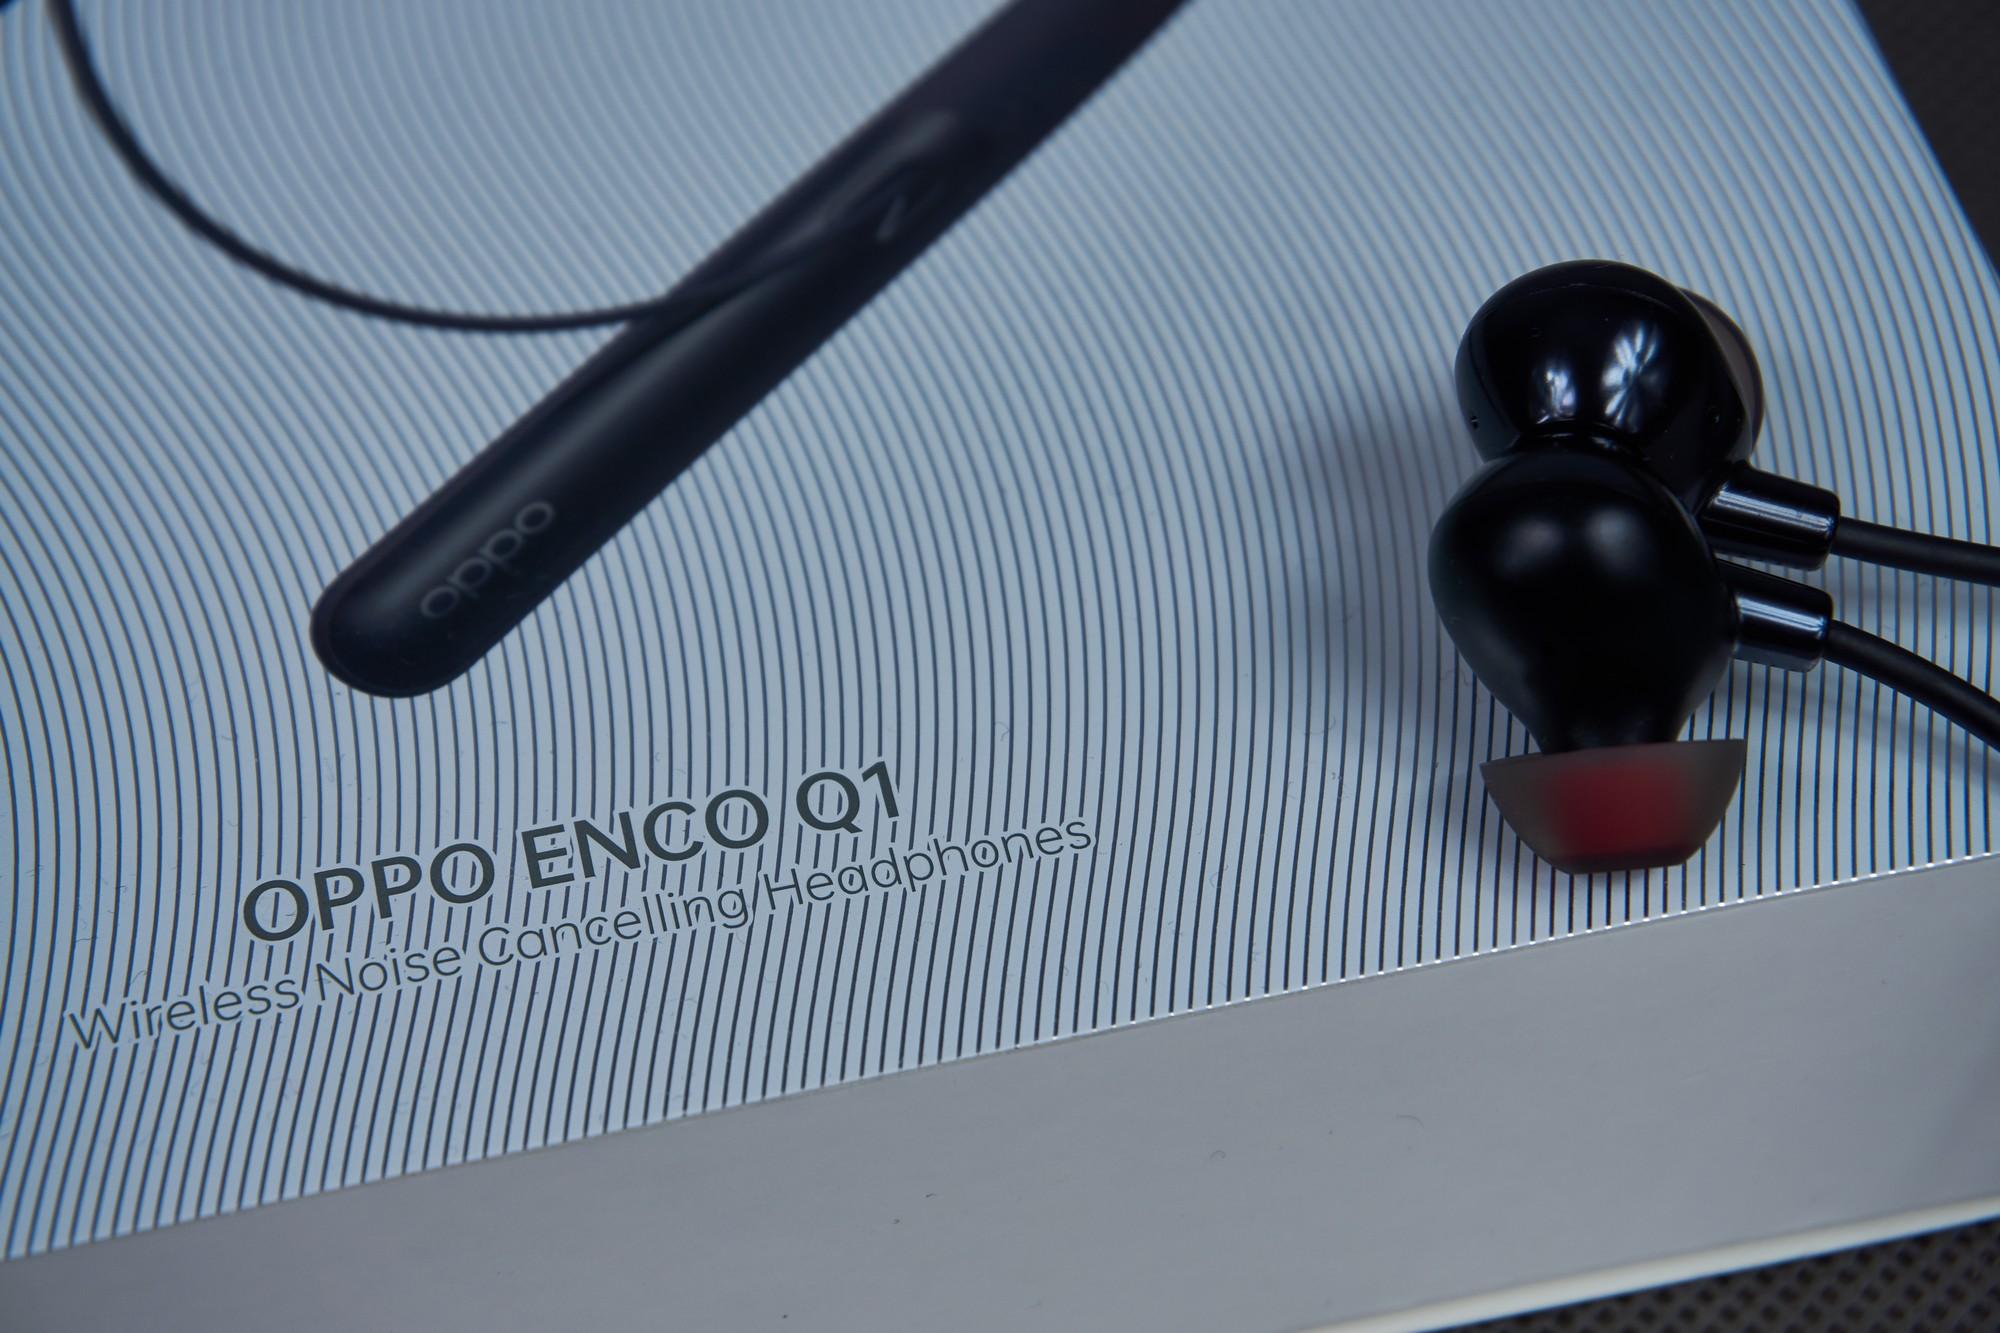 Recenzja Oppo Enco Q1 - tak wygląda pozytywne zaskoczenie 23